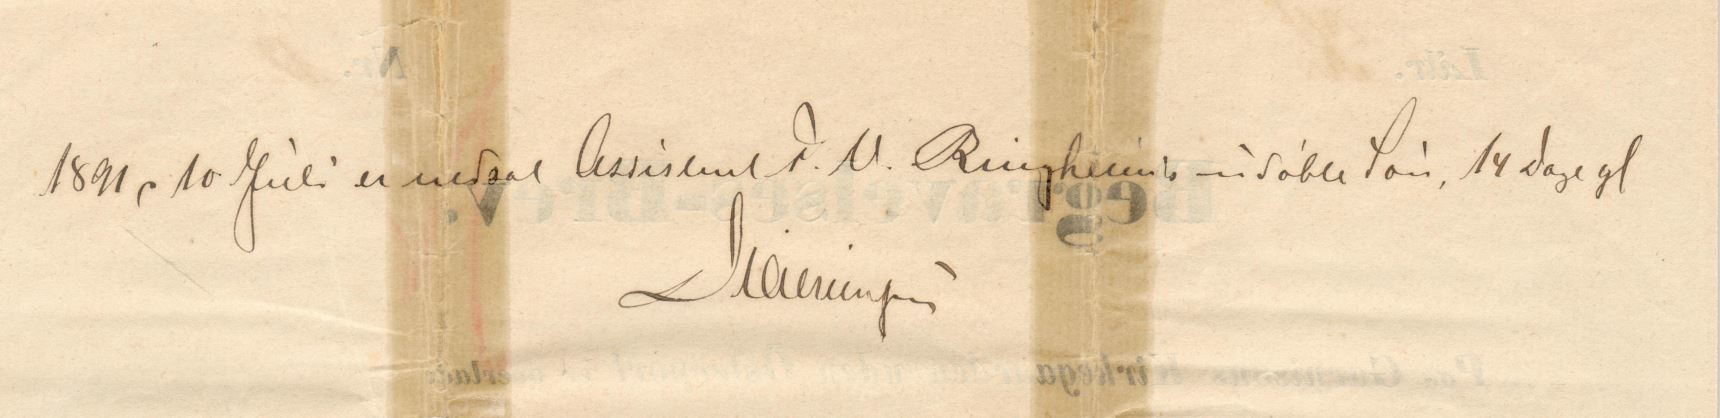 75.142  Begravelsesbrev for dyrlæge David Gotschalk Ringheim f. 1787. Gravstedet er købt for 100 år, og har notater med hvilke familiemedlemmer der er stedt til hvile på stedet.